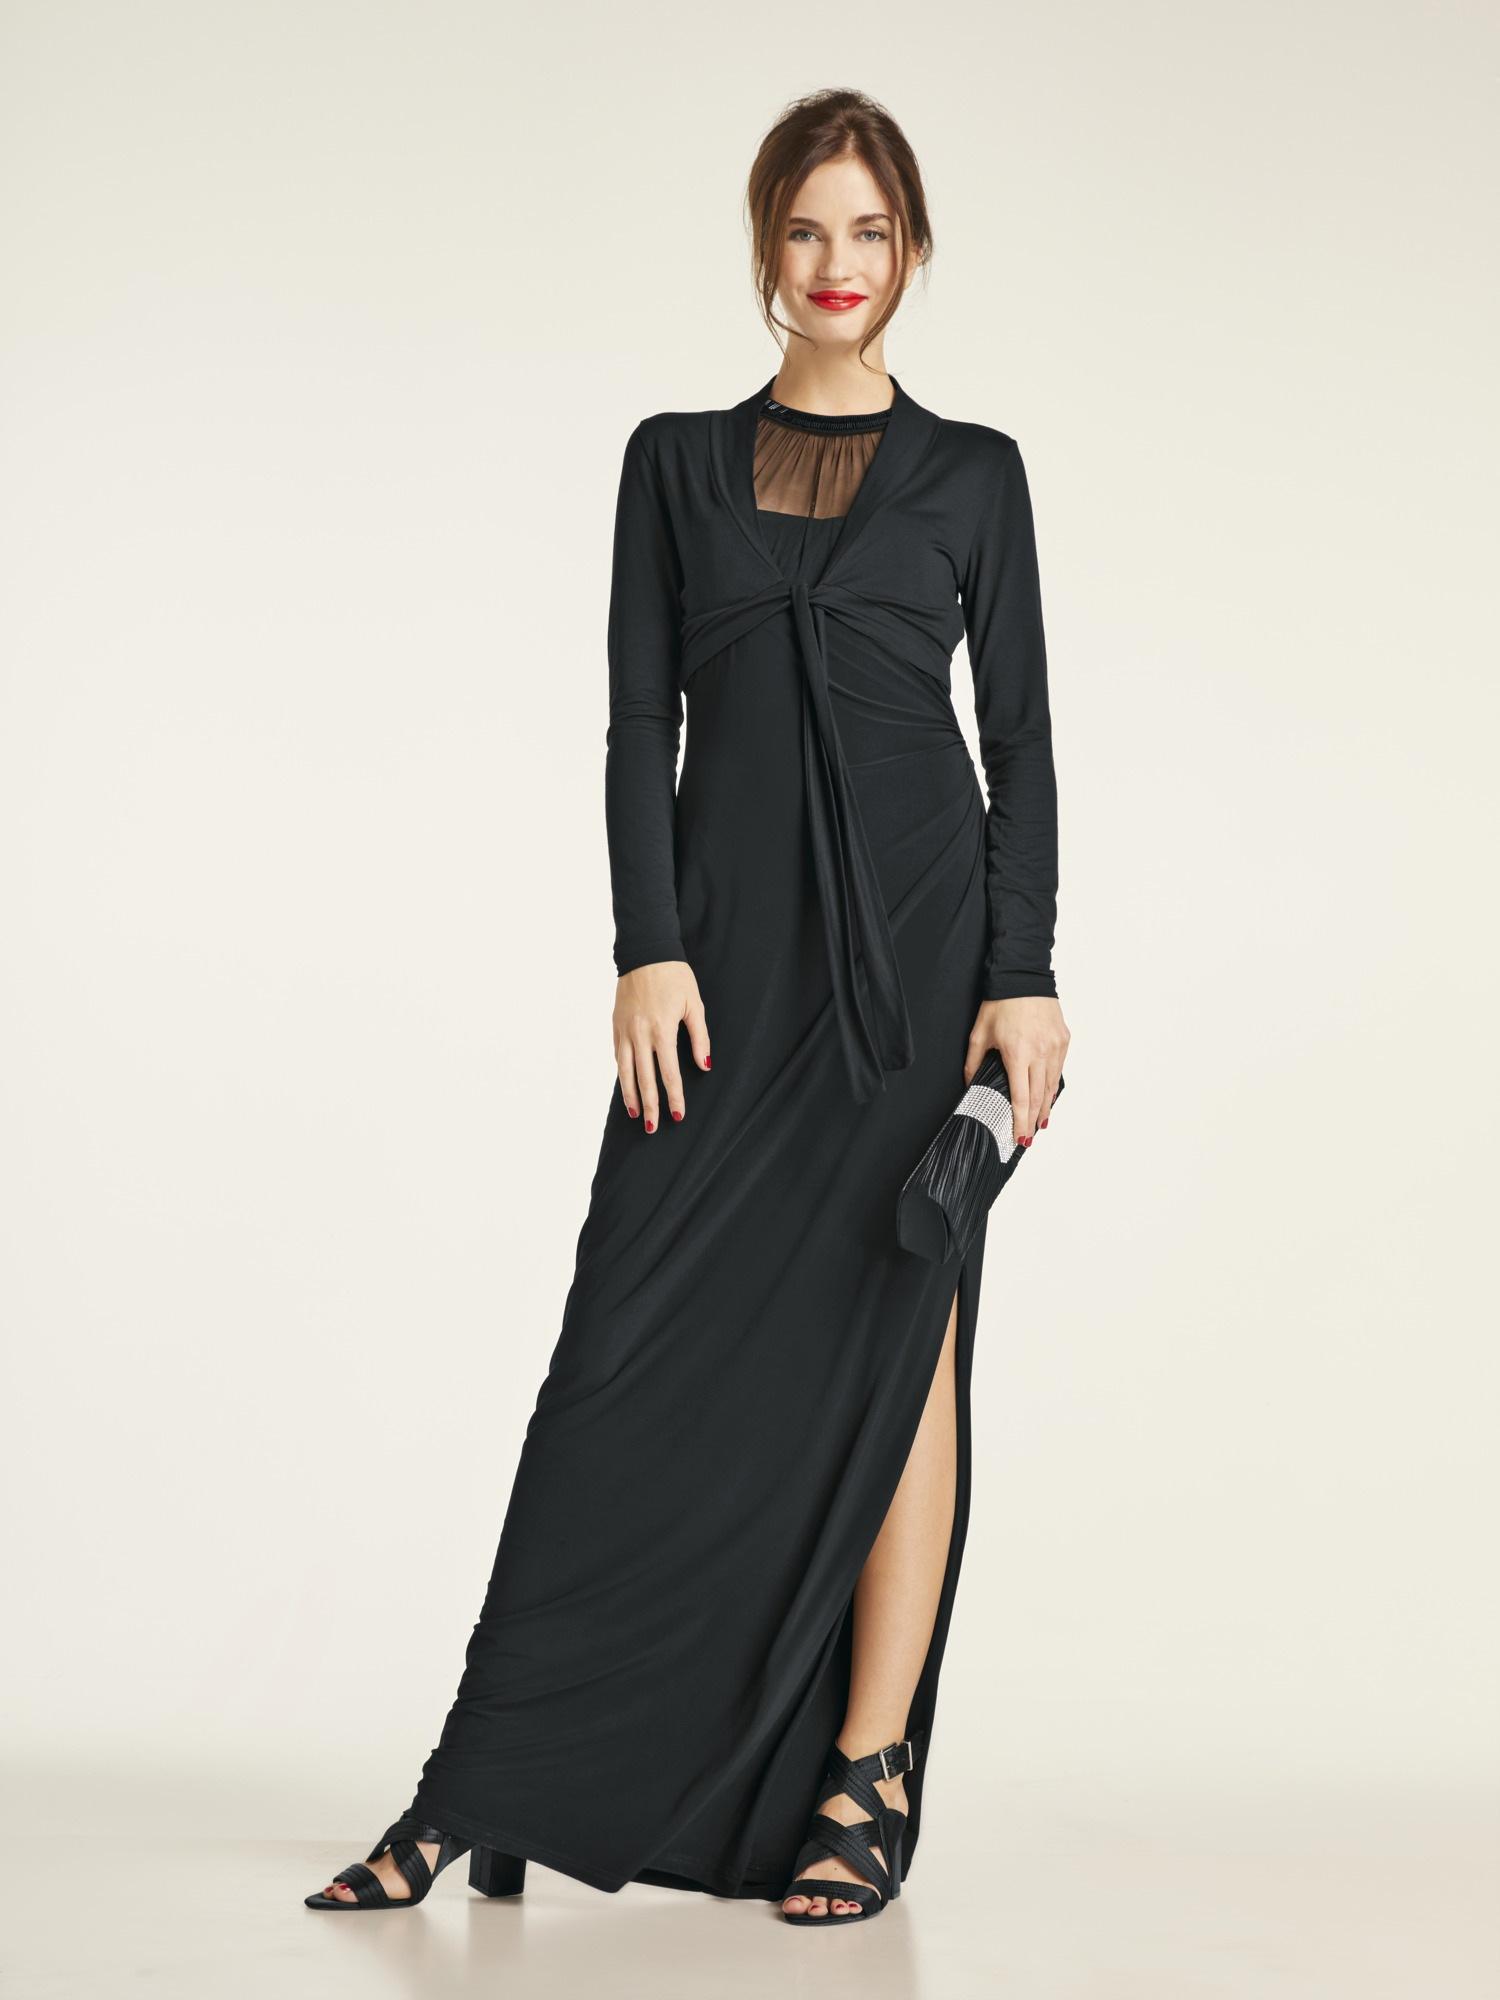 heine TIMELESS Abendkleid mit hohem Schlitz   Bekleidung > Kleider > Abendkleider   Elasthan   Heine Timeless